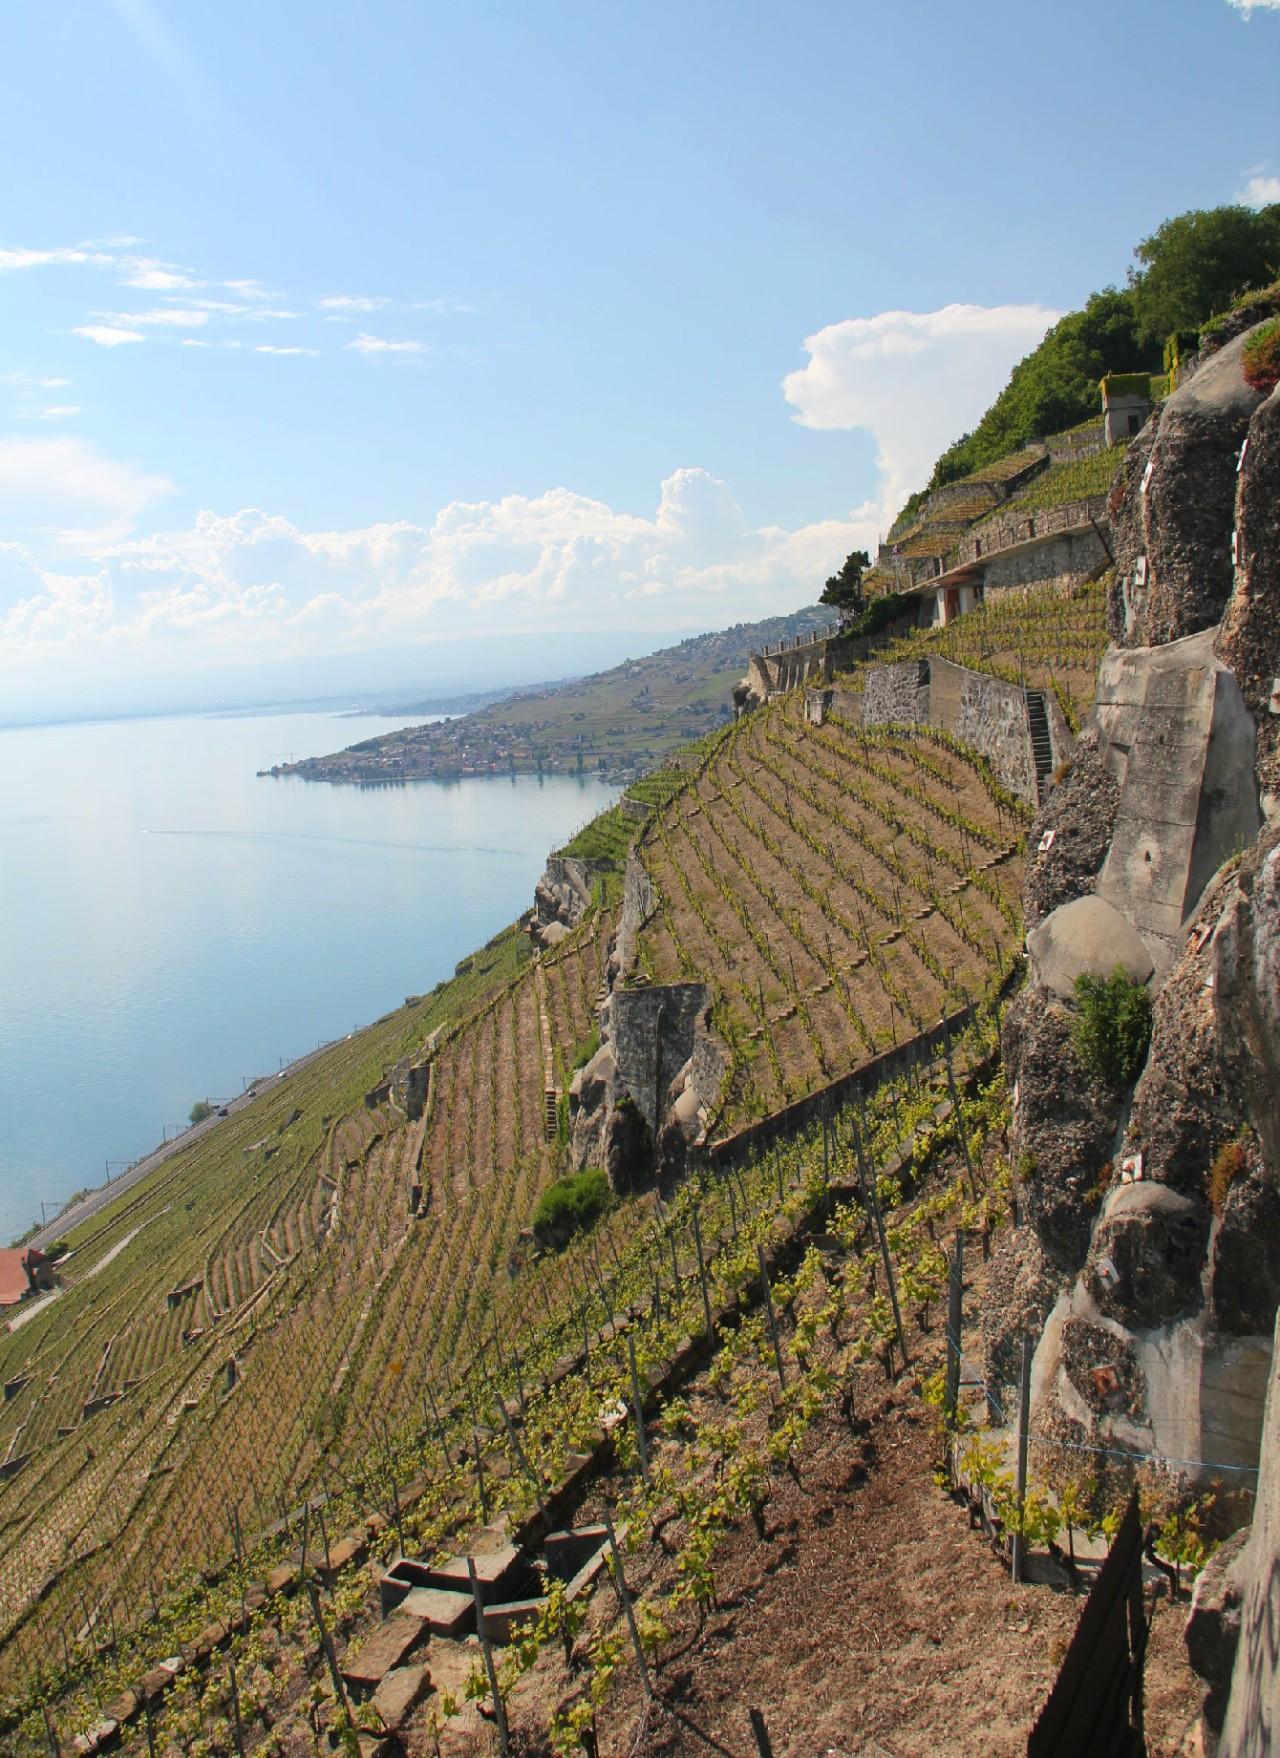 Suisse: Vins et fromage, enbicyclette